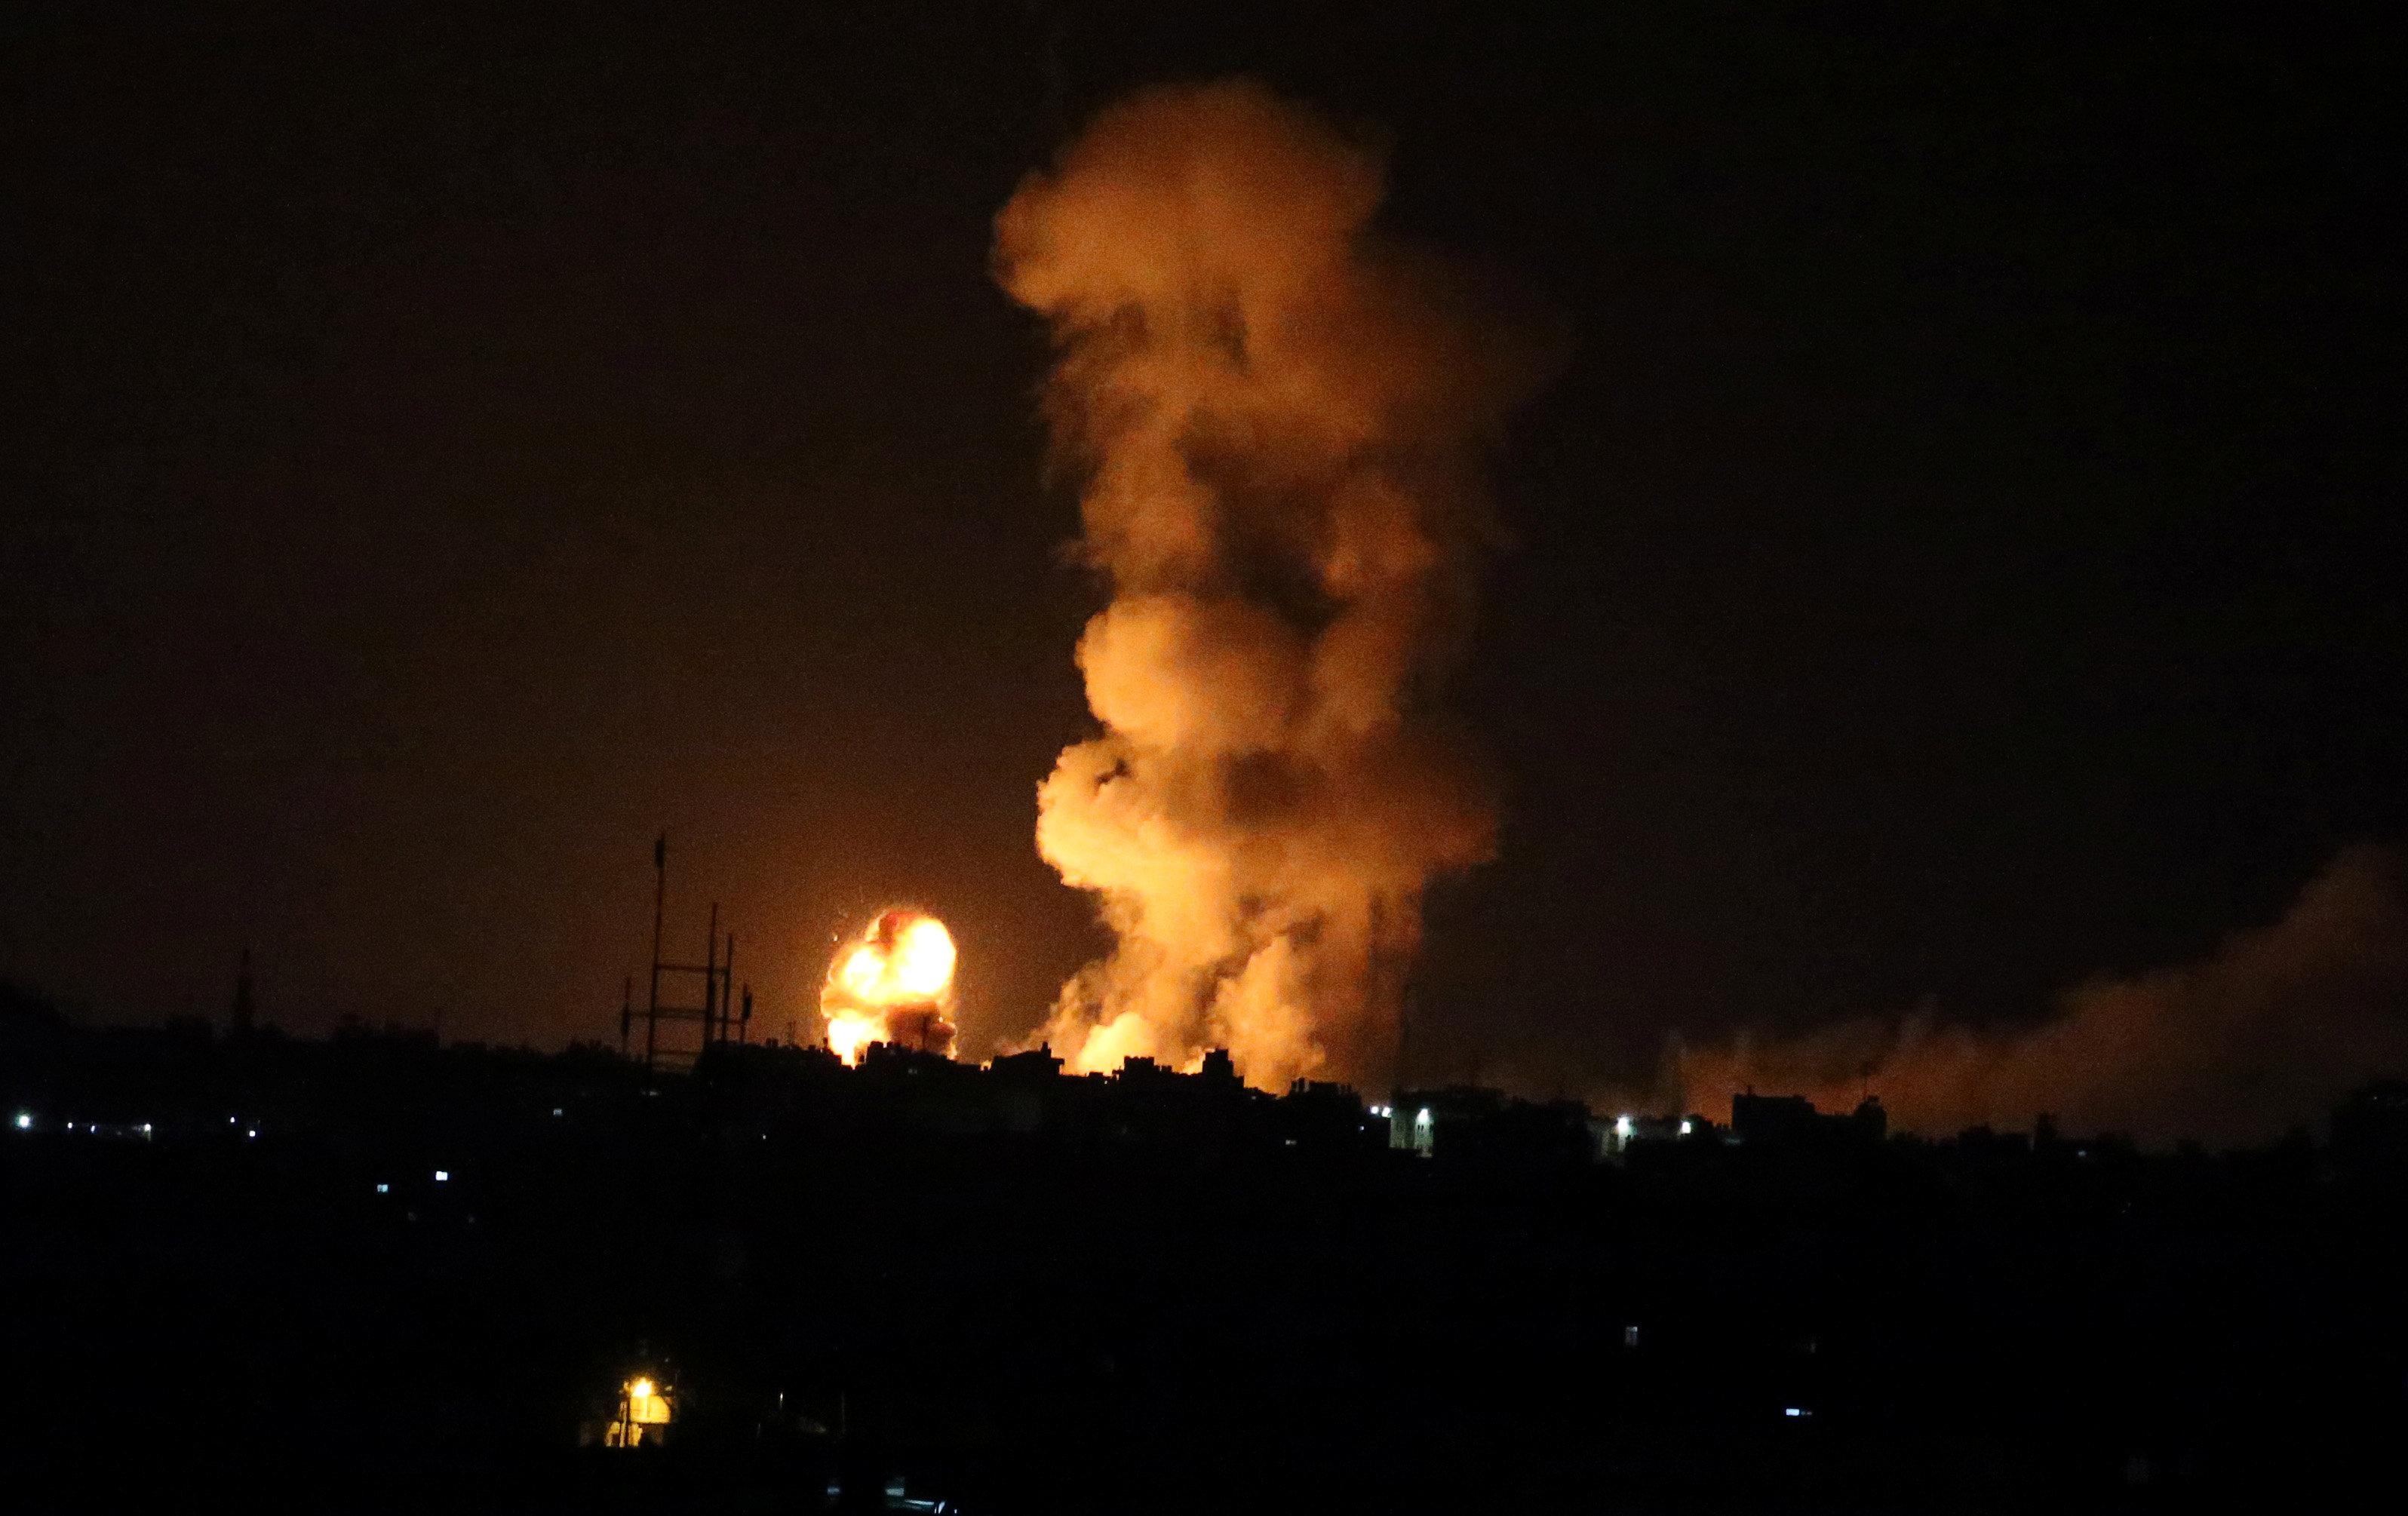 استشهاد مواطن فلسطيني واصابة (14) اخرين برصاص الاحتلال بغزة